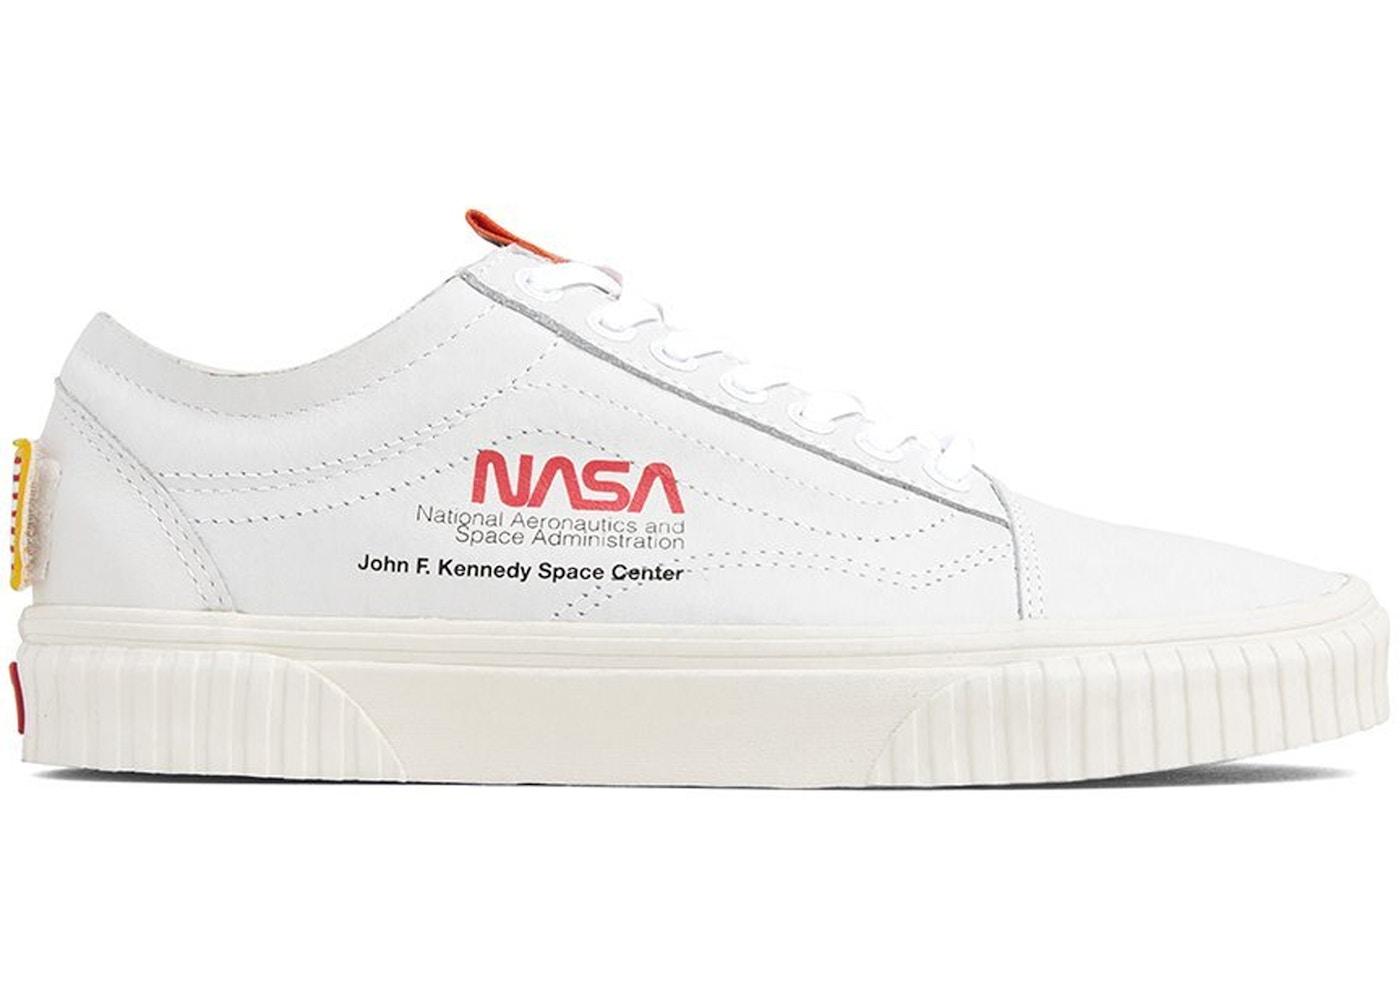 vans white shoes nasa